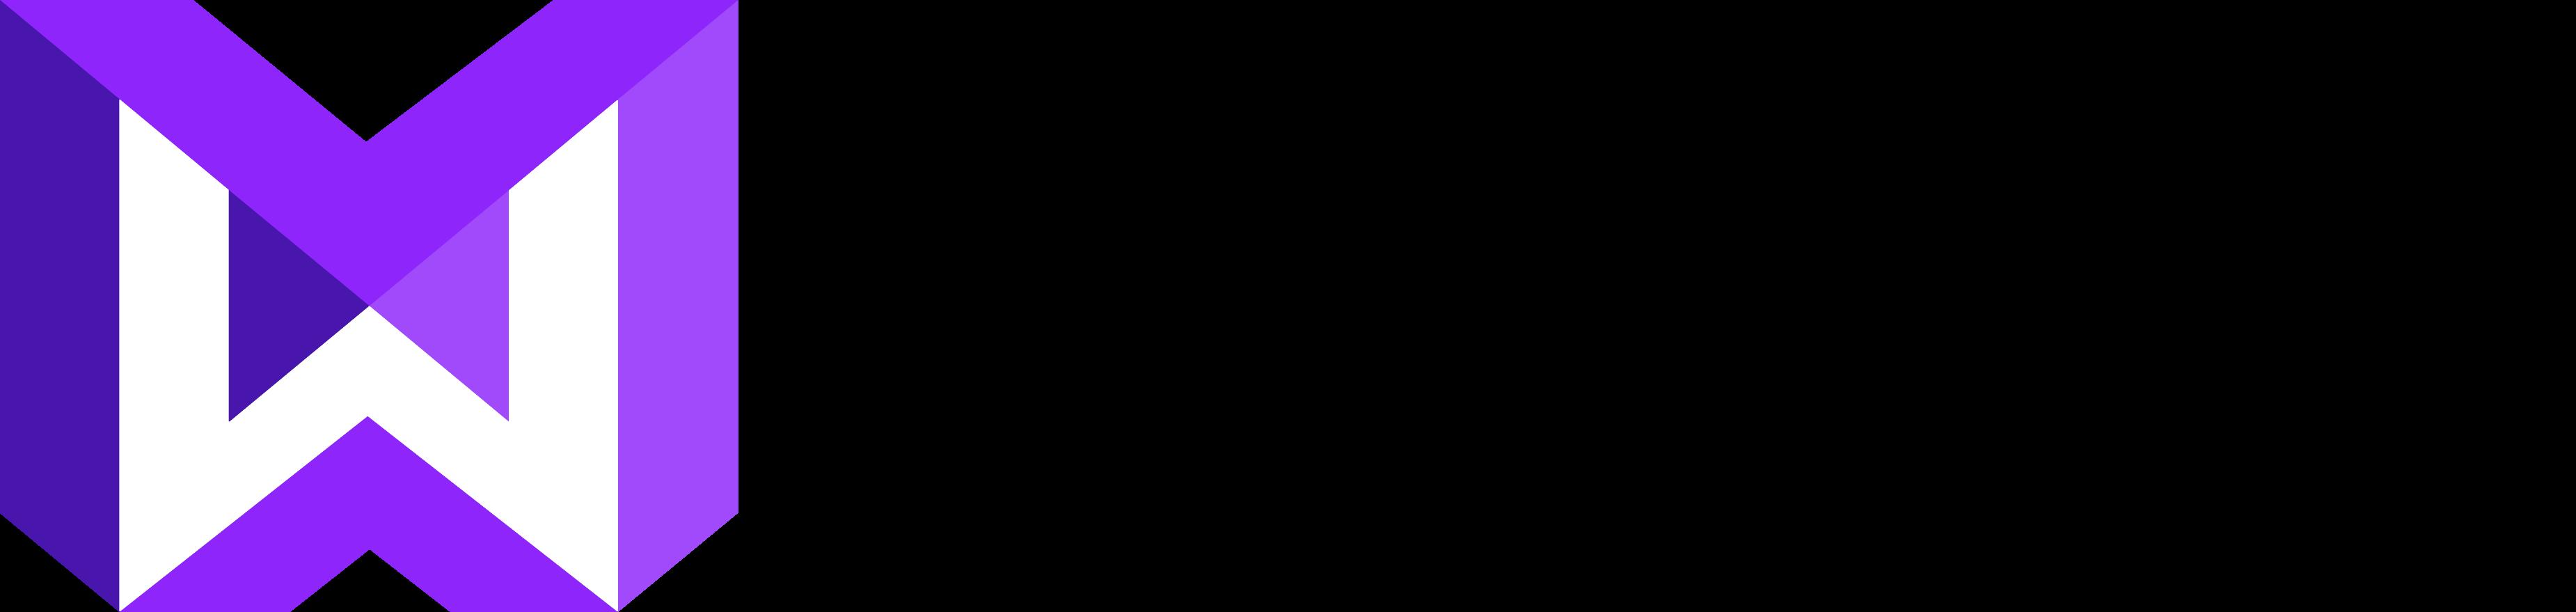 RealWear logo.